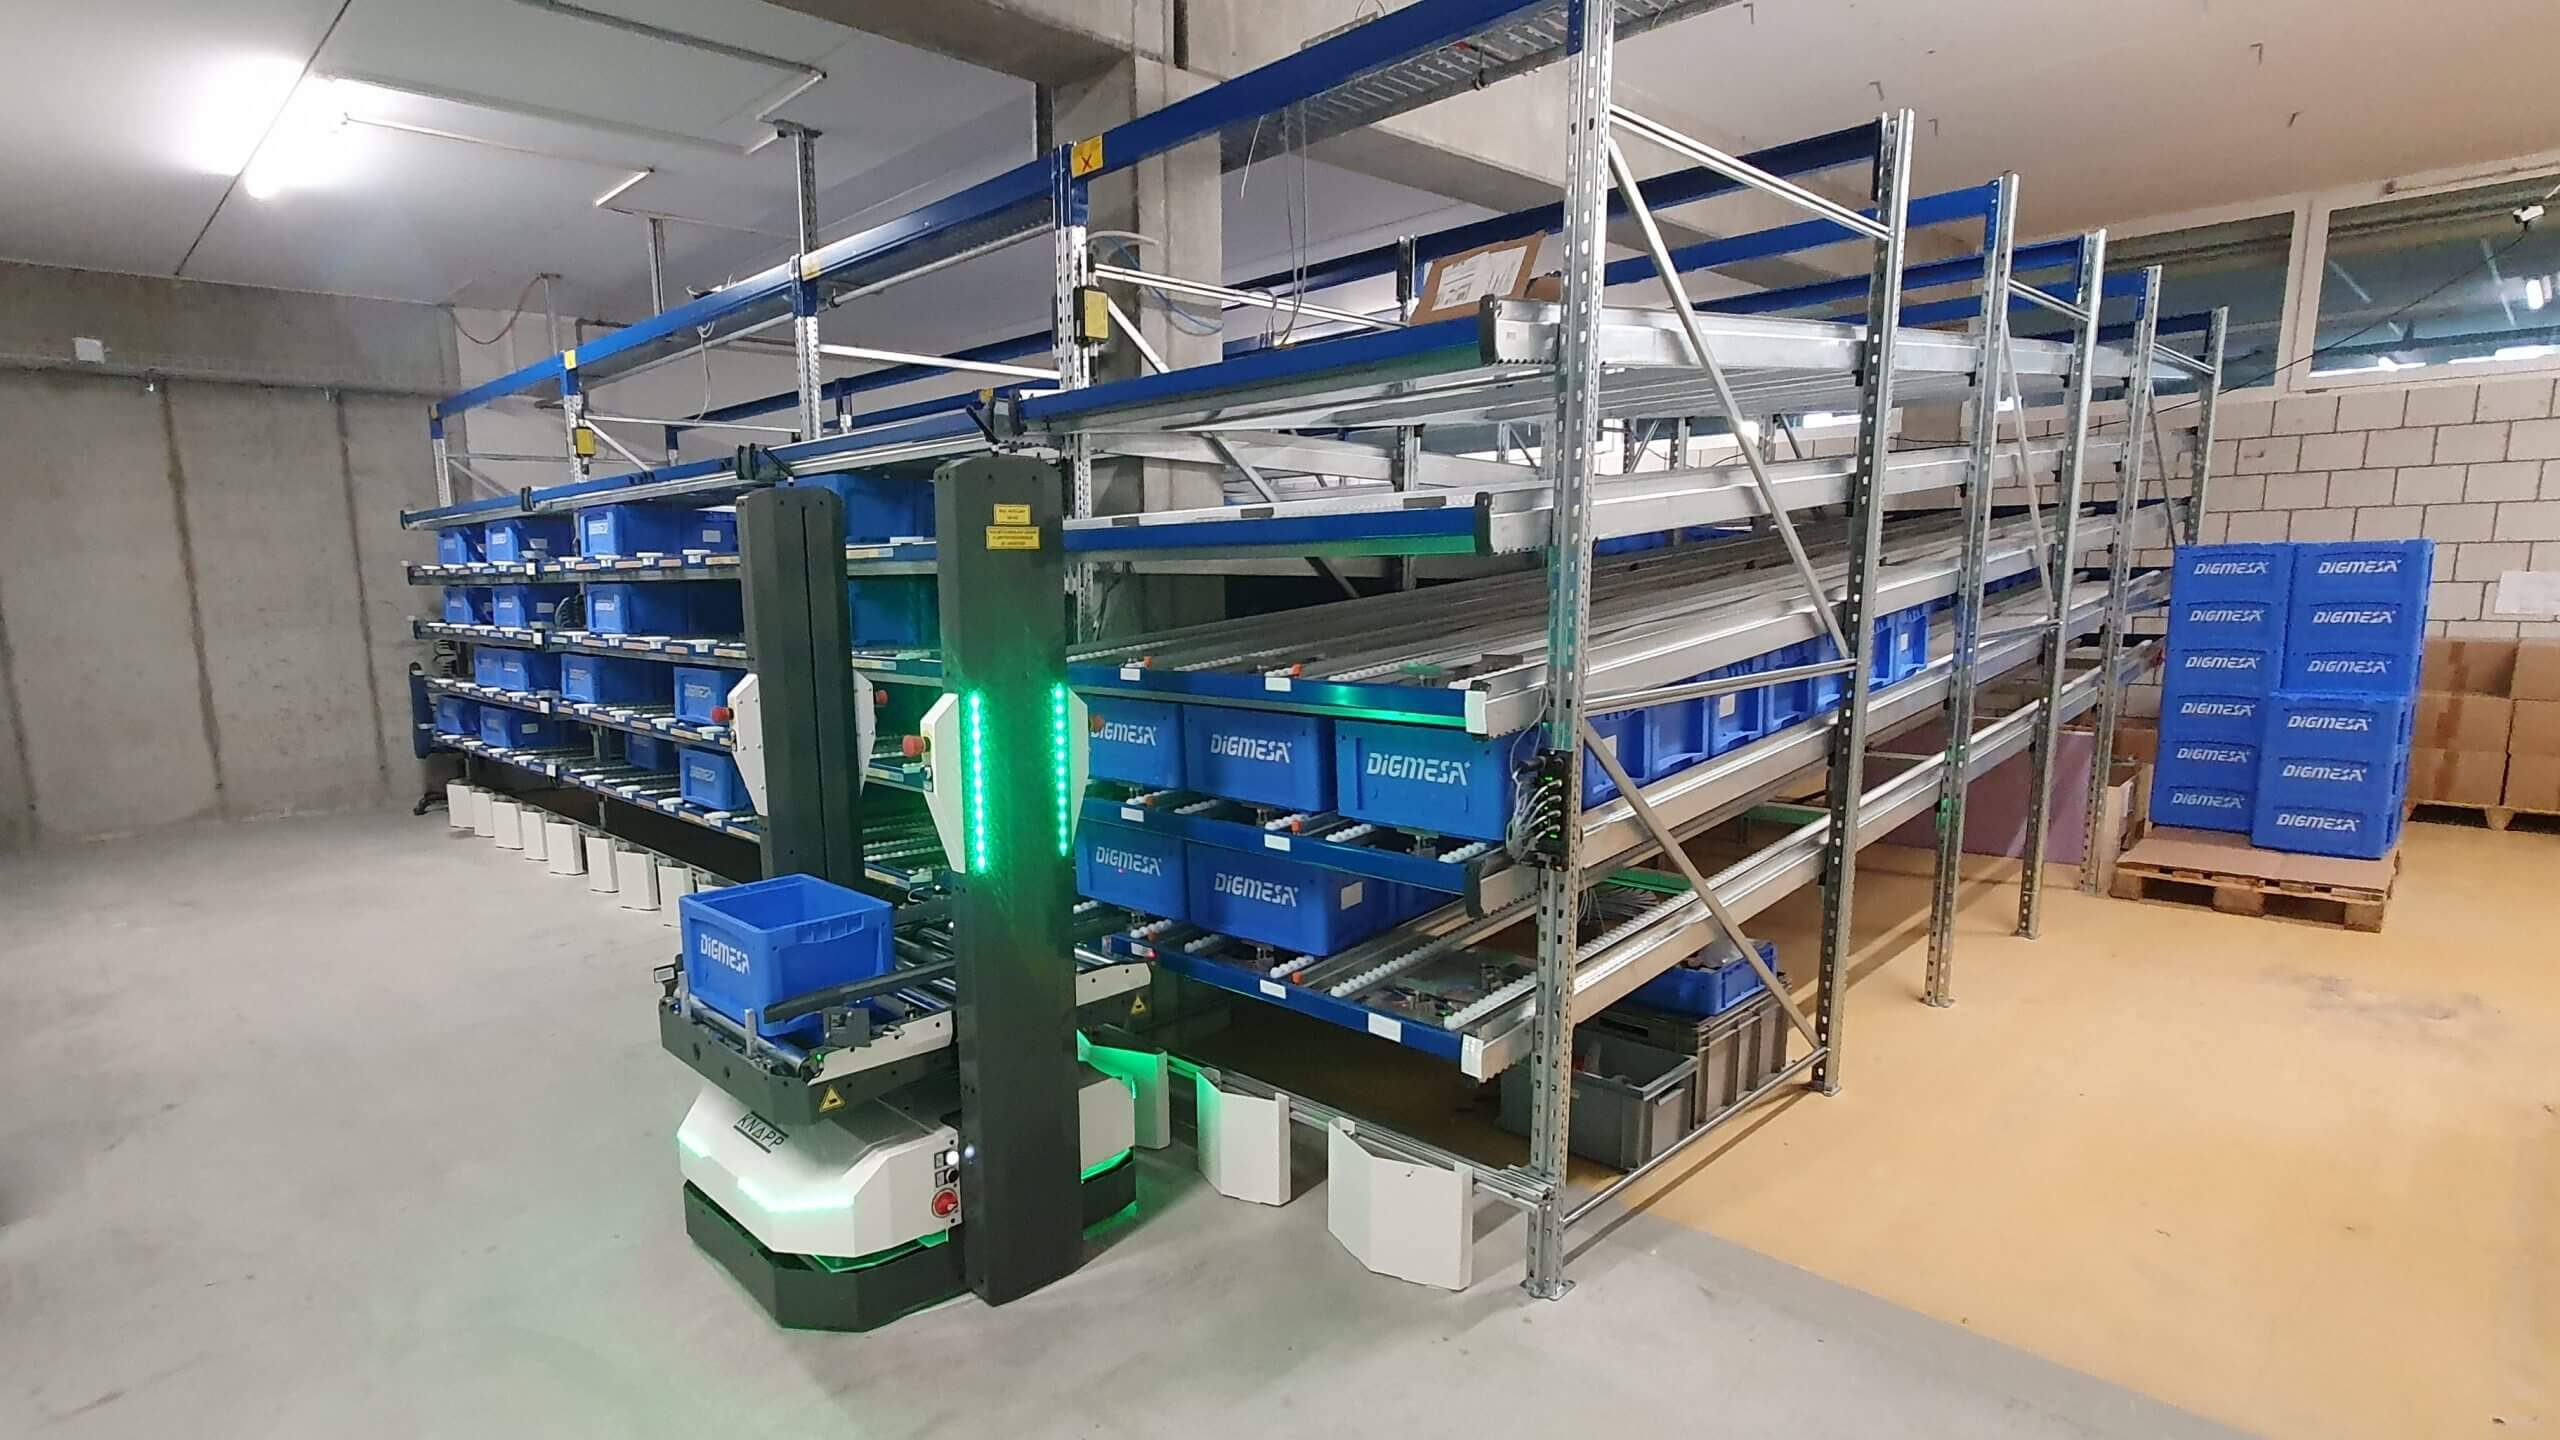 Le véhicule autoguidé (AGV) de KNAPP, appelé Open Shuttle, transfère les conteneurs à un rack de flux.